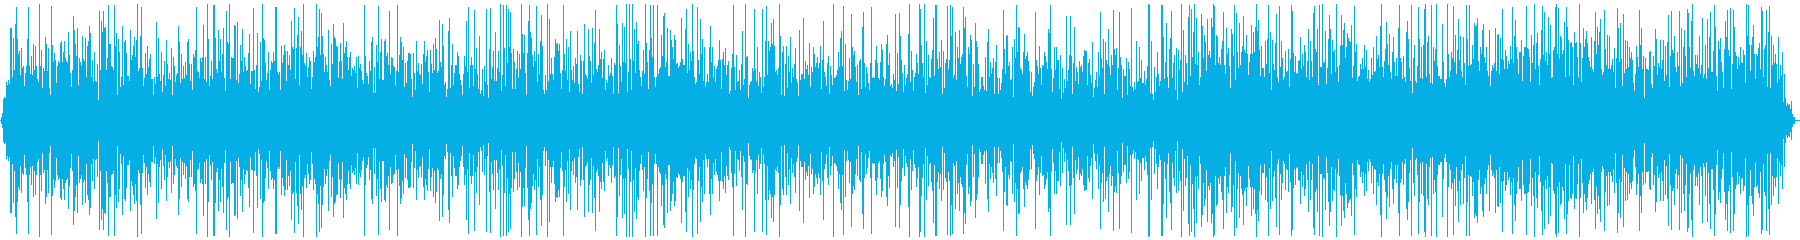 ポチャン 水滴の落下音1 洞窟 トンネルの再生済みの波形